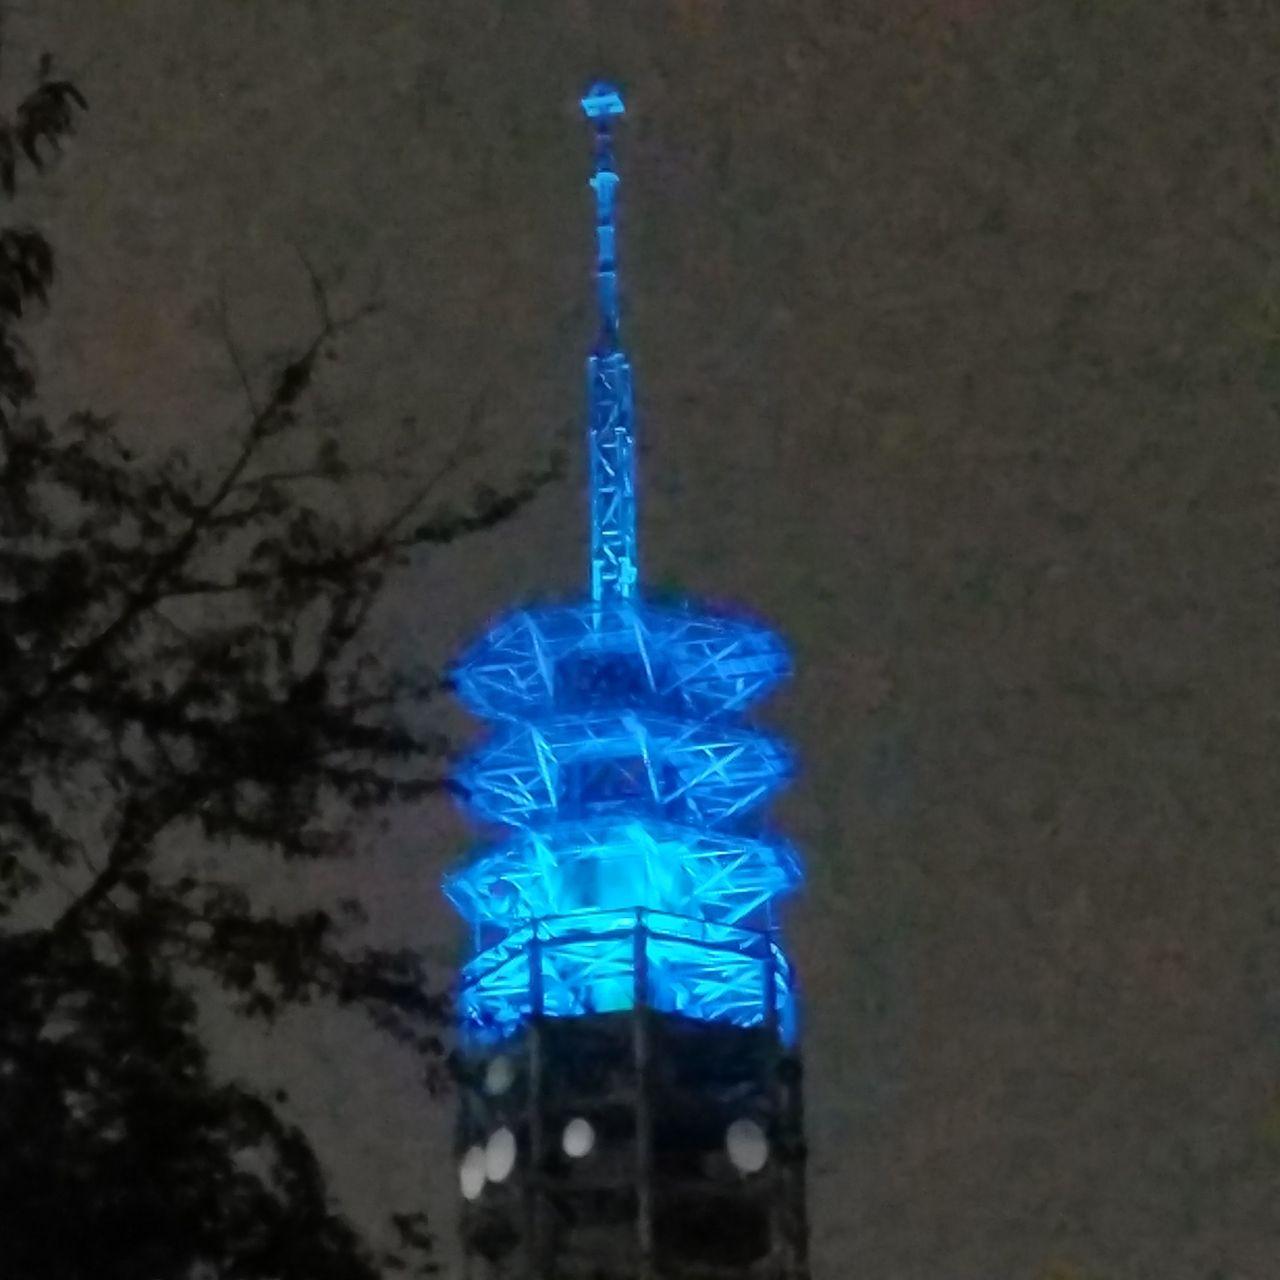 明日は雨。青色のライトアップ